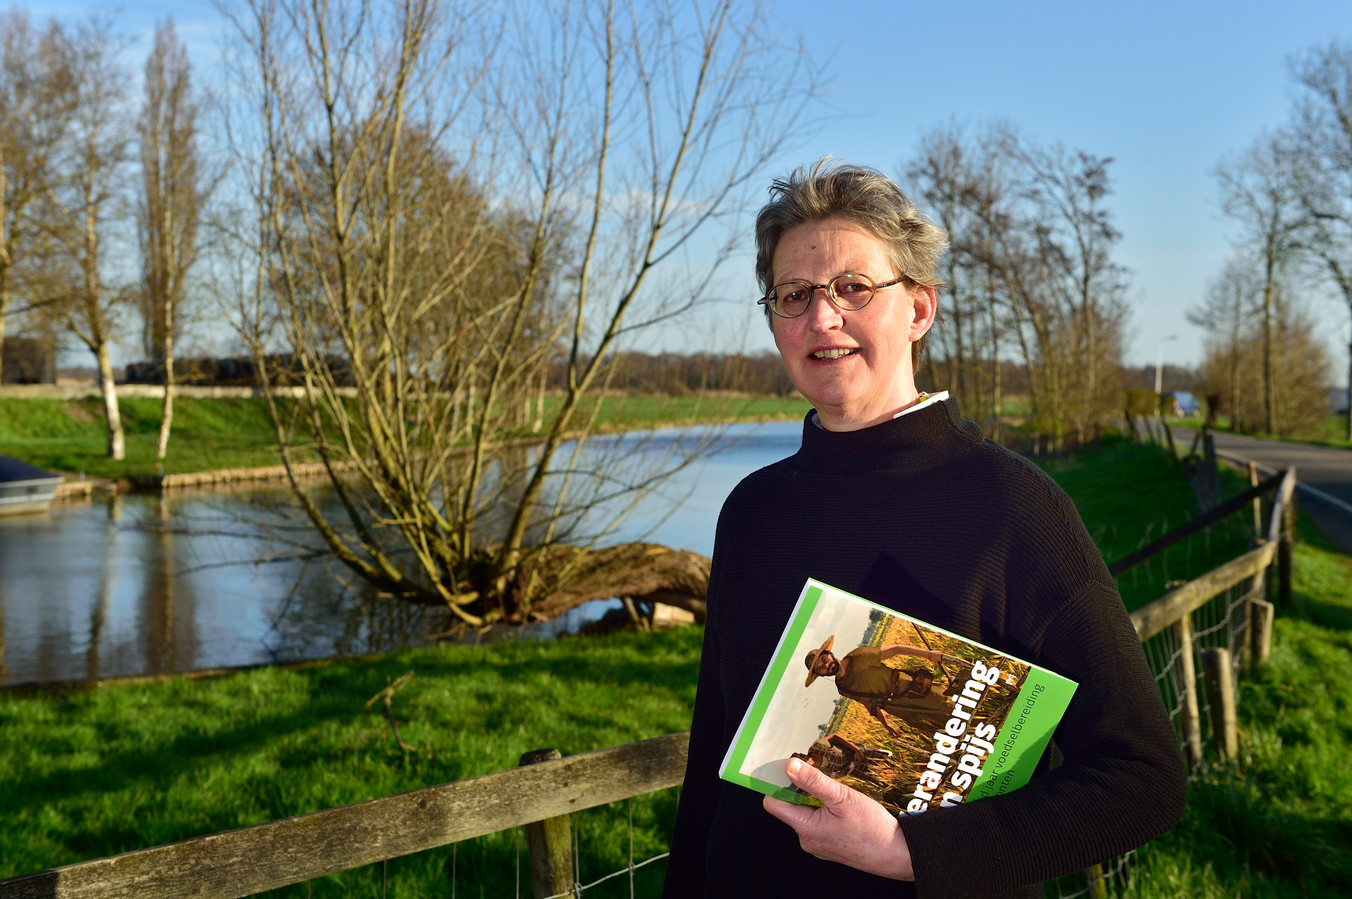 Laura Kooistra beschrijft in haar boek Verandering van Spijs de ontwikkeling van eetgewoonten en voedselbereiding in de afgelopen 10.000 jaar.